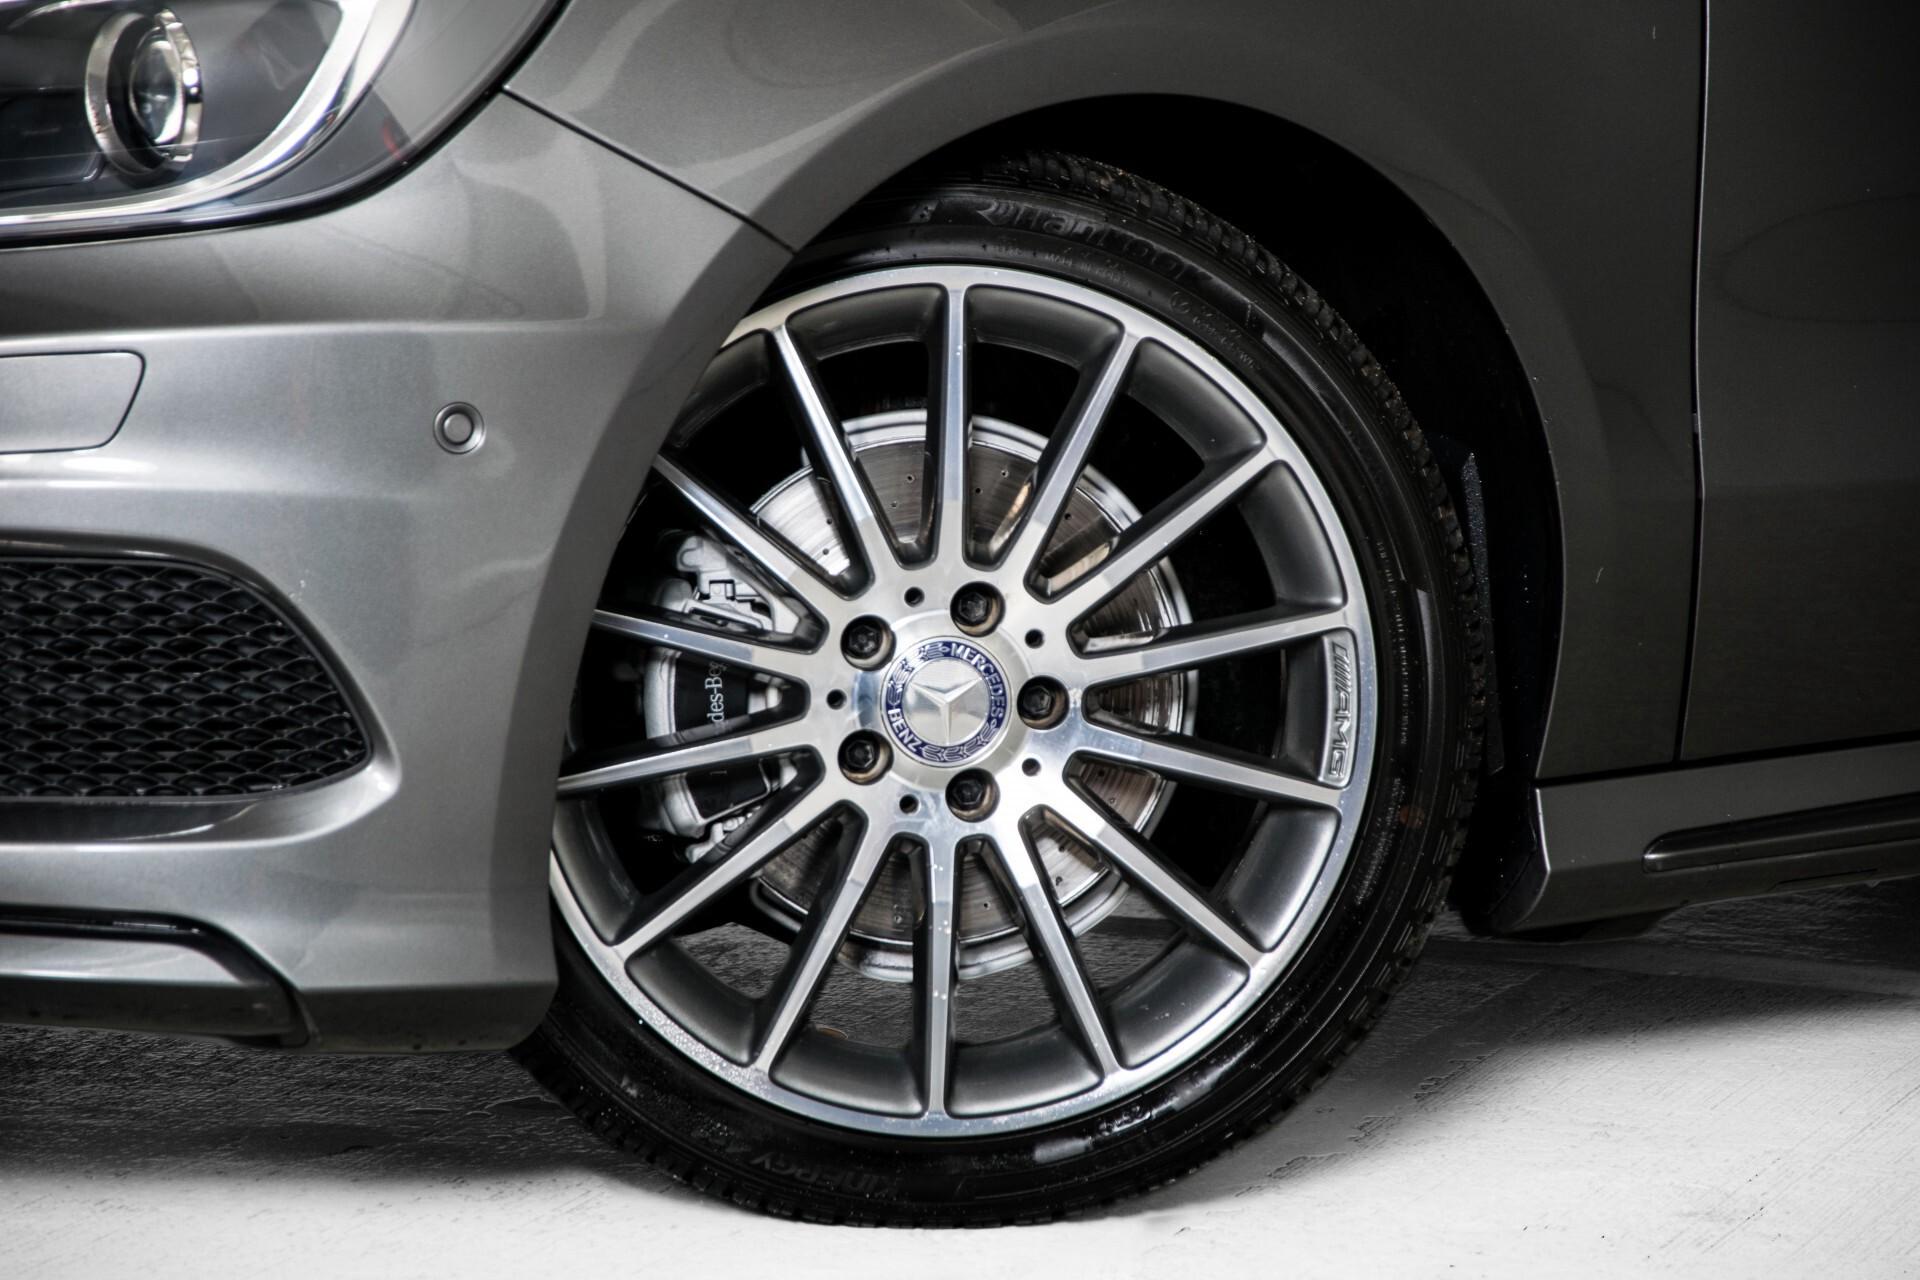 Mercedes-Benz A-Klasse 180 AMG Dynamic Handling/Camera/Xenon/Navi/Privacy Aut7 Foto 48